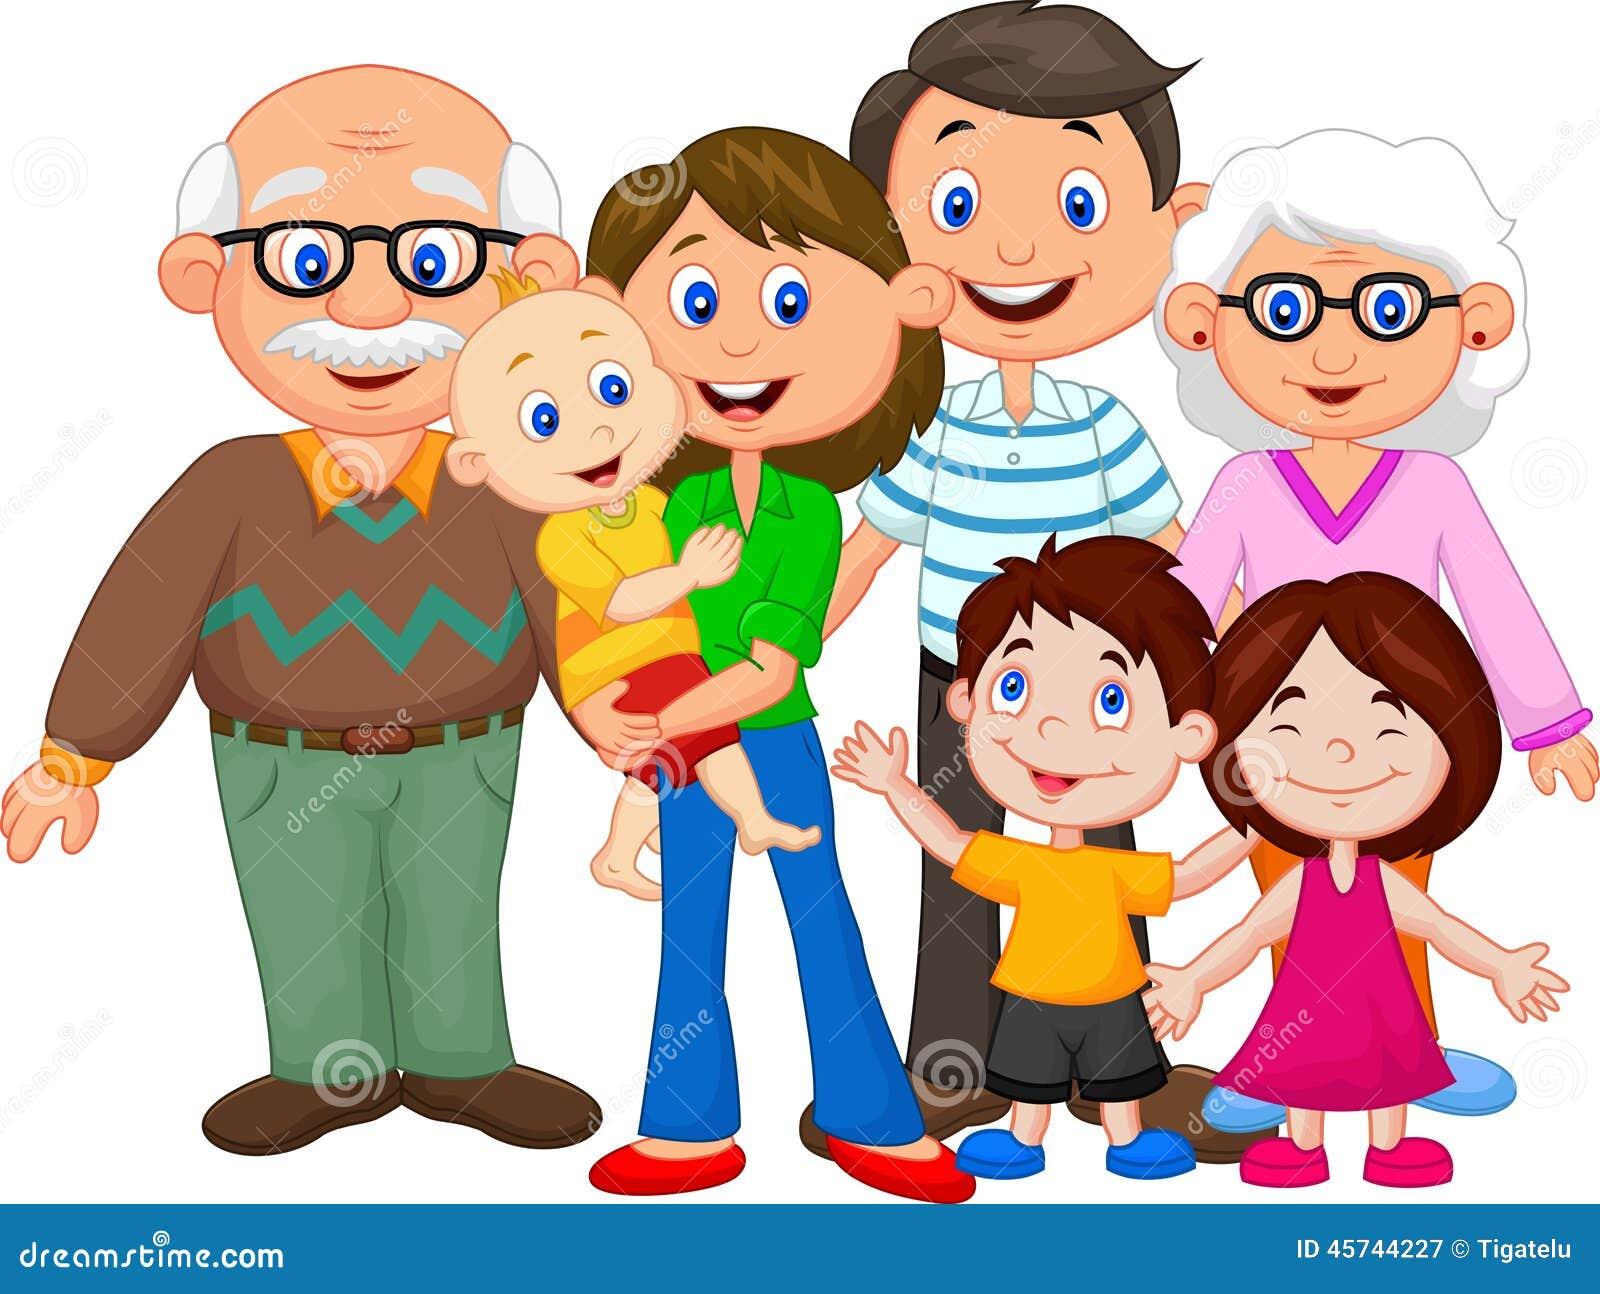 Resultado de imagem para IMAGEM DE UMA FAMILIA ORIENTAL FELIZ